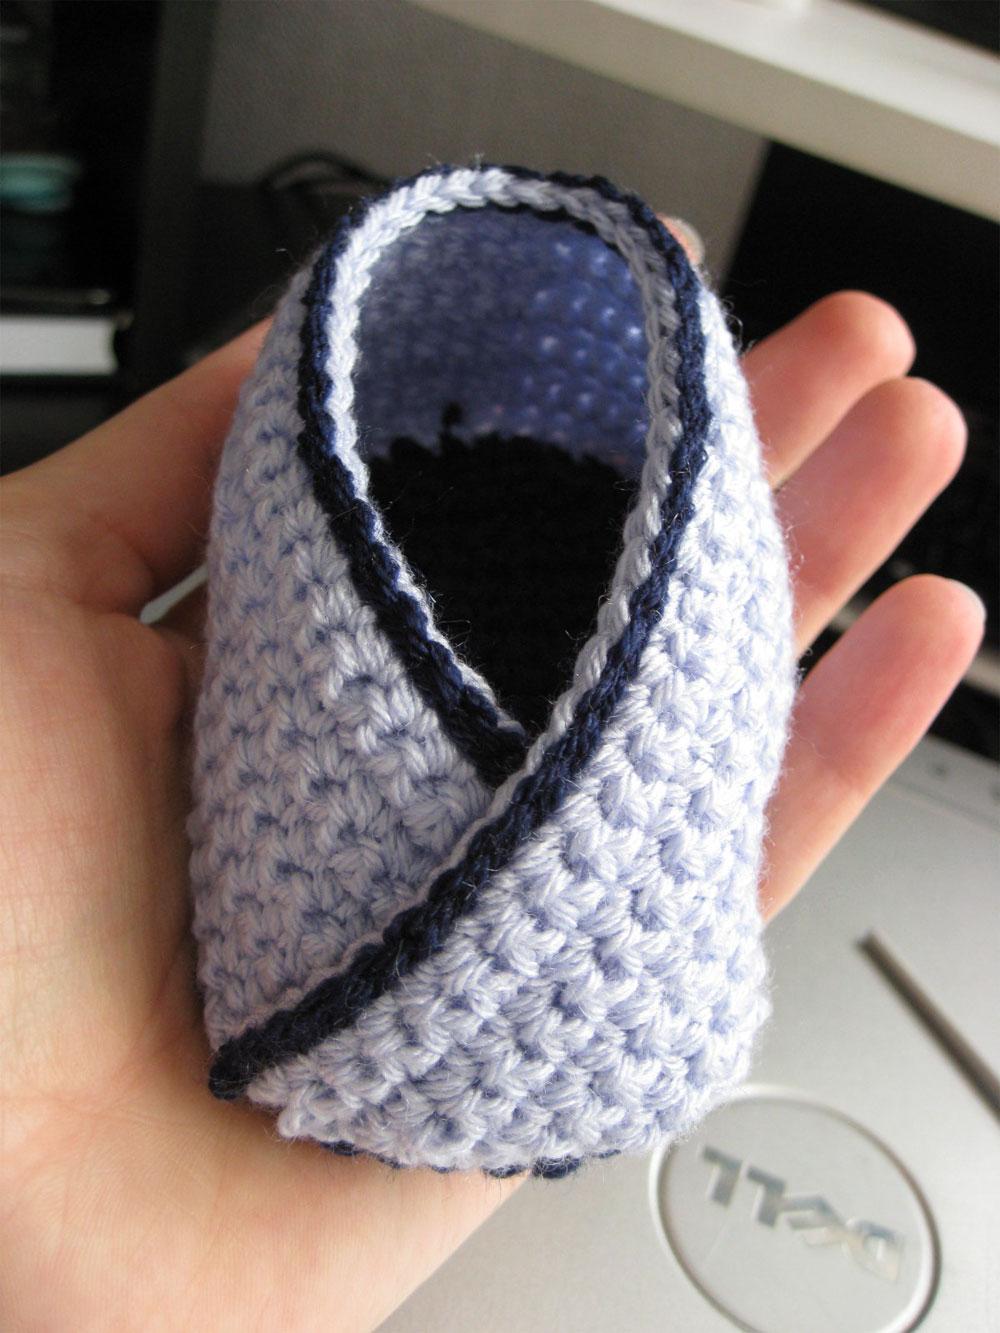 С одной стороны туфельки пришиваем цветочек, с другой стороны привязываем цепочку зелёного цвета таким же образом...